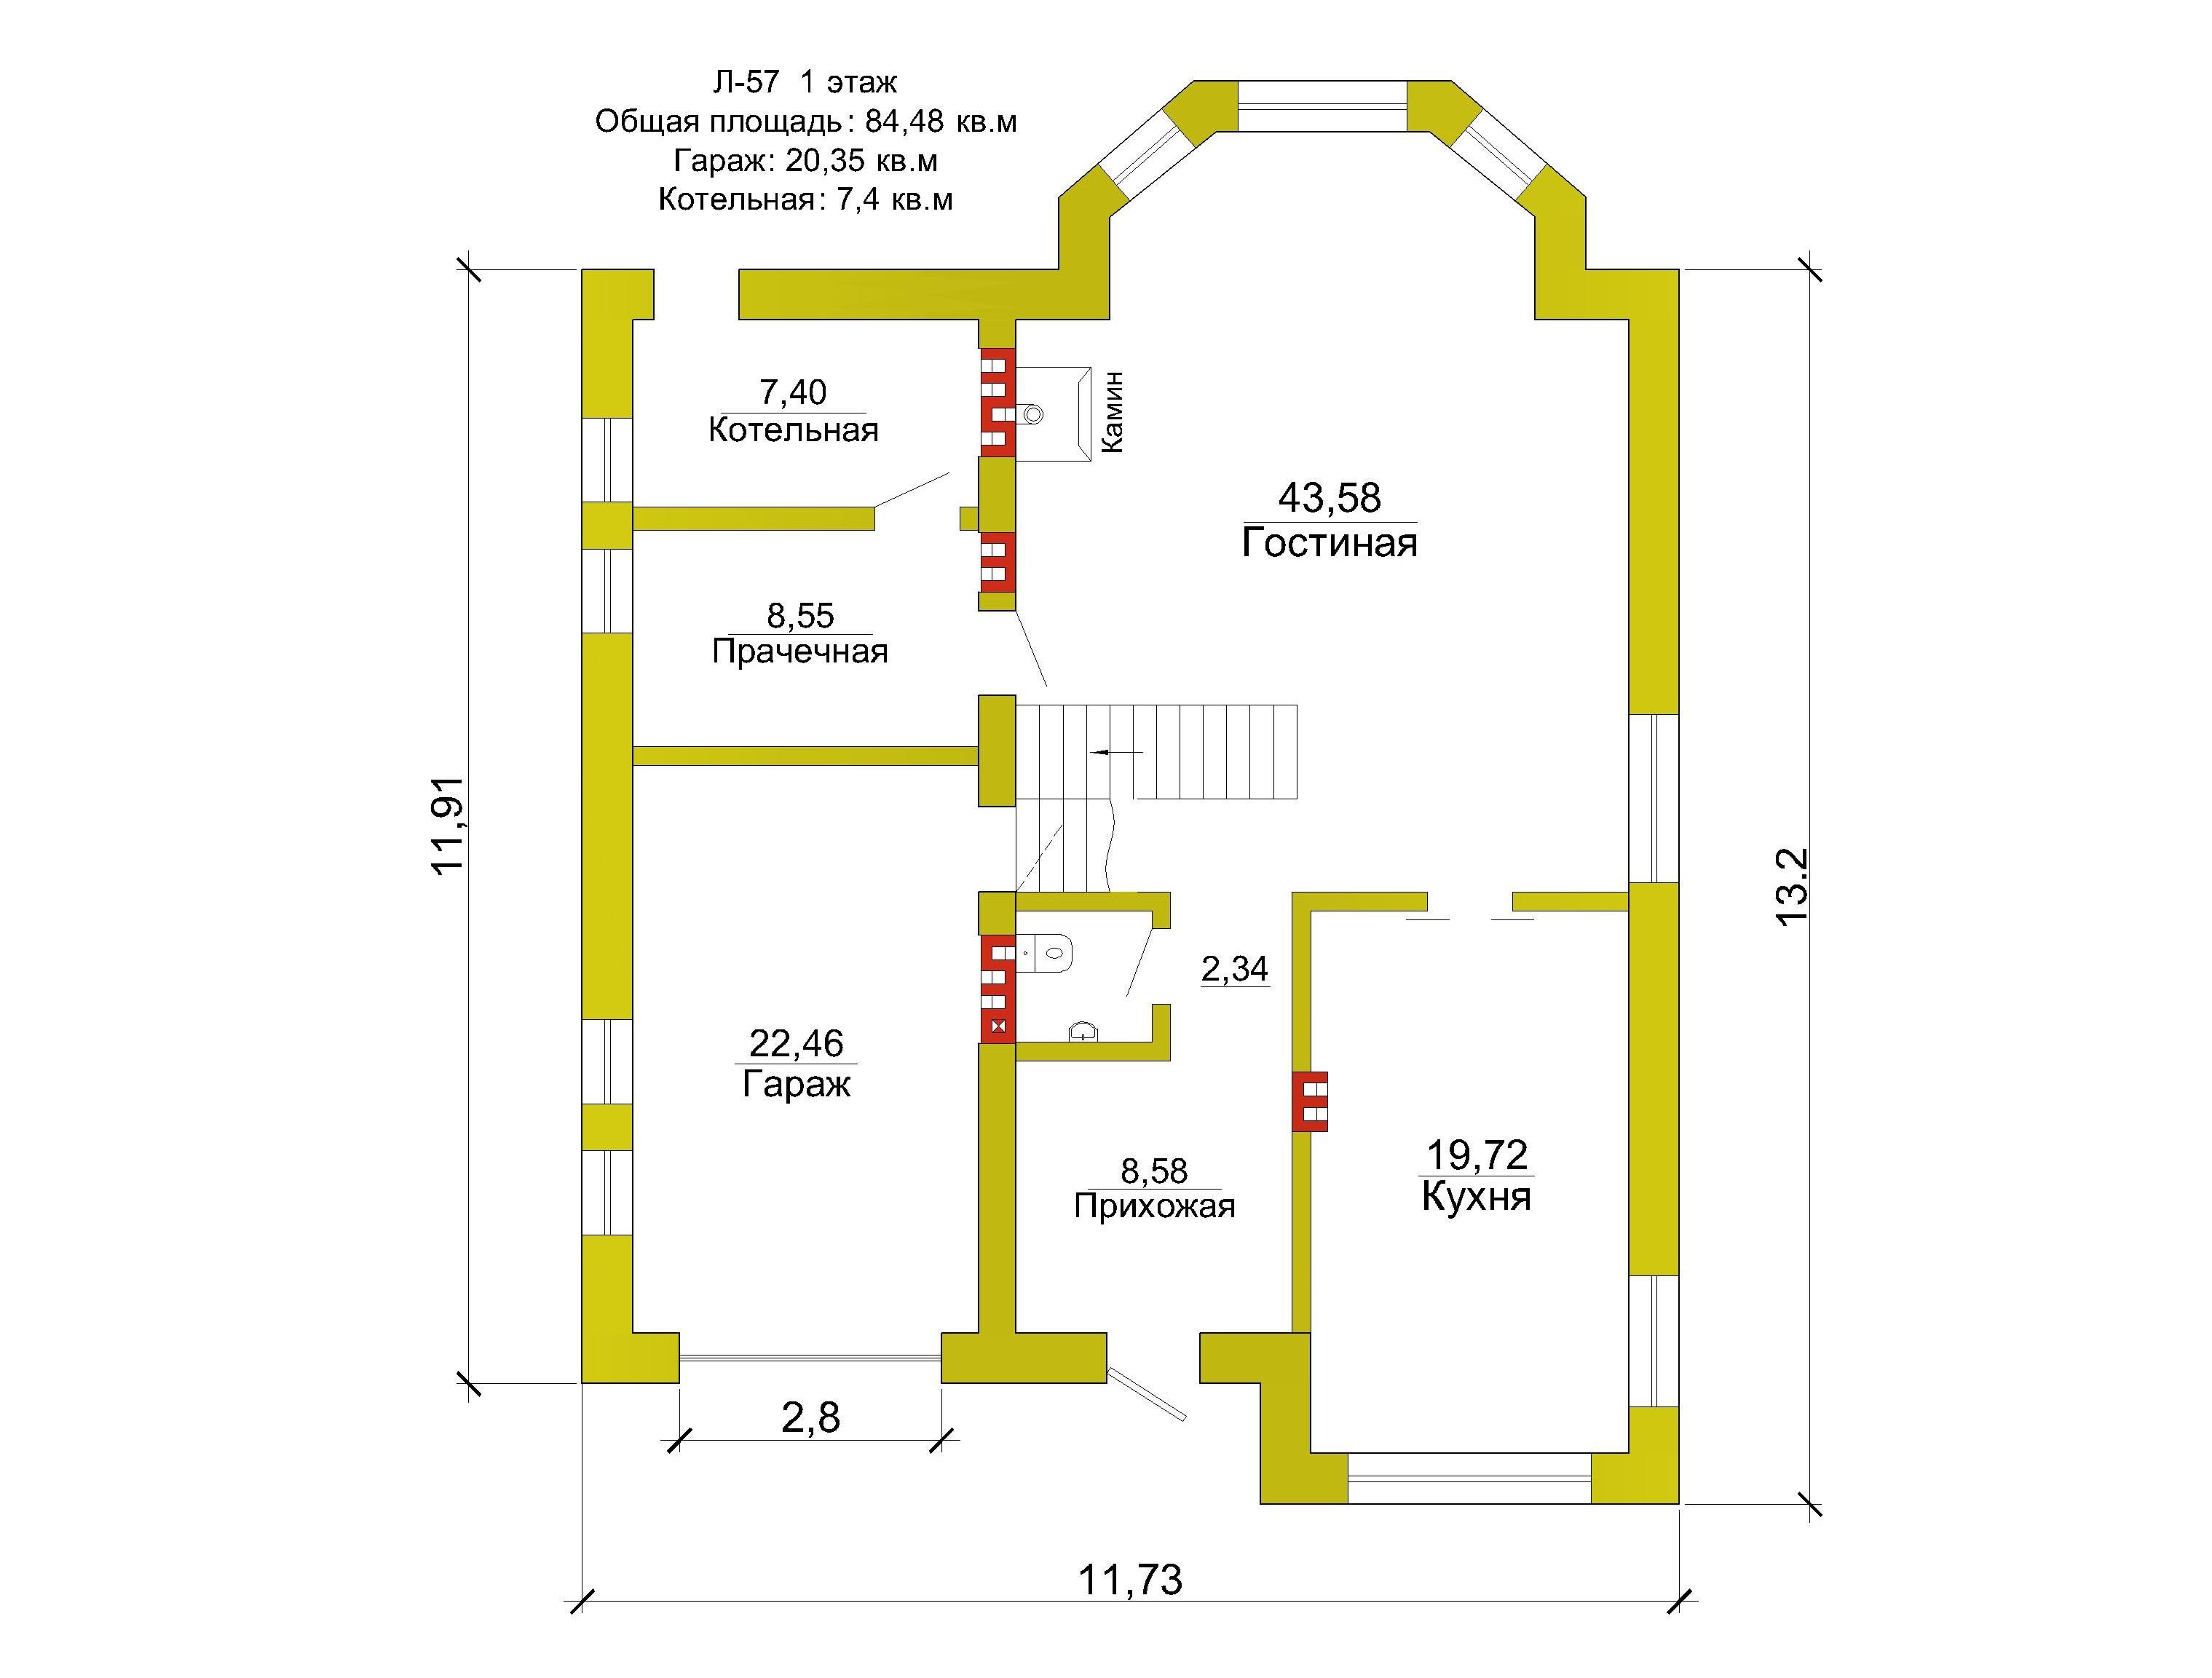 Готовый проект коттеджа 189 кв. м / Артикул Л-57 план